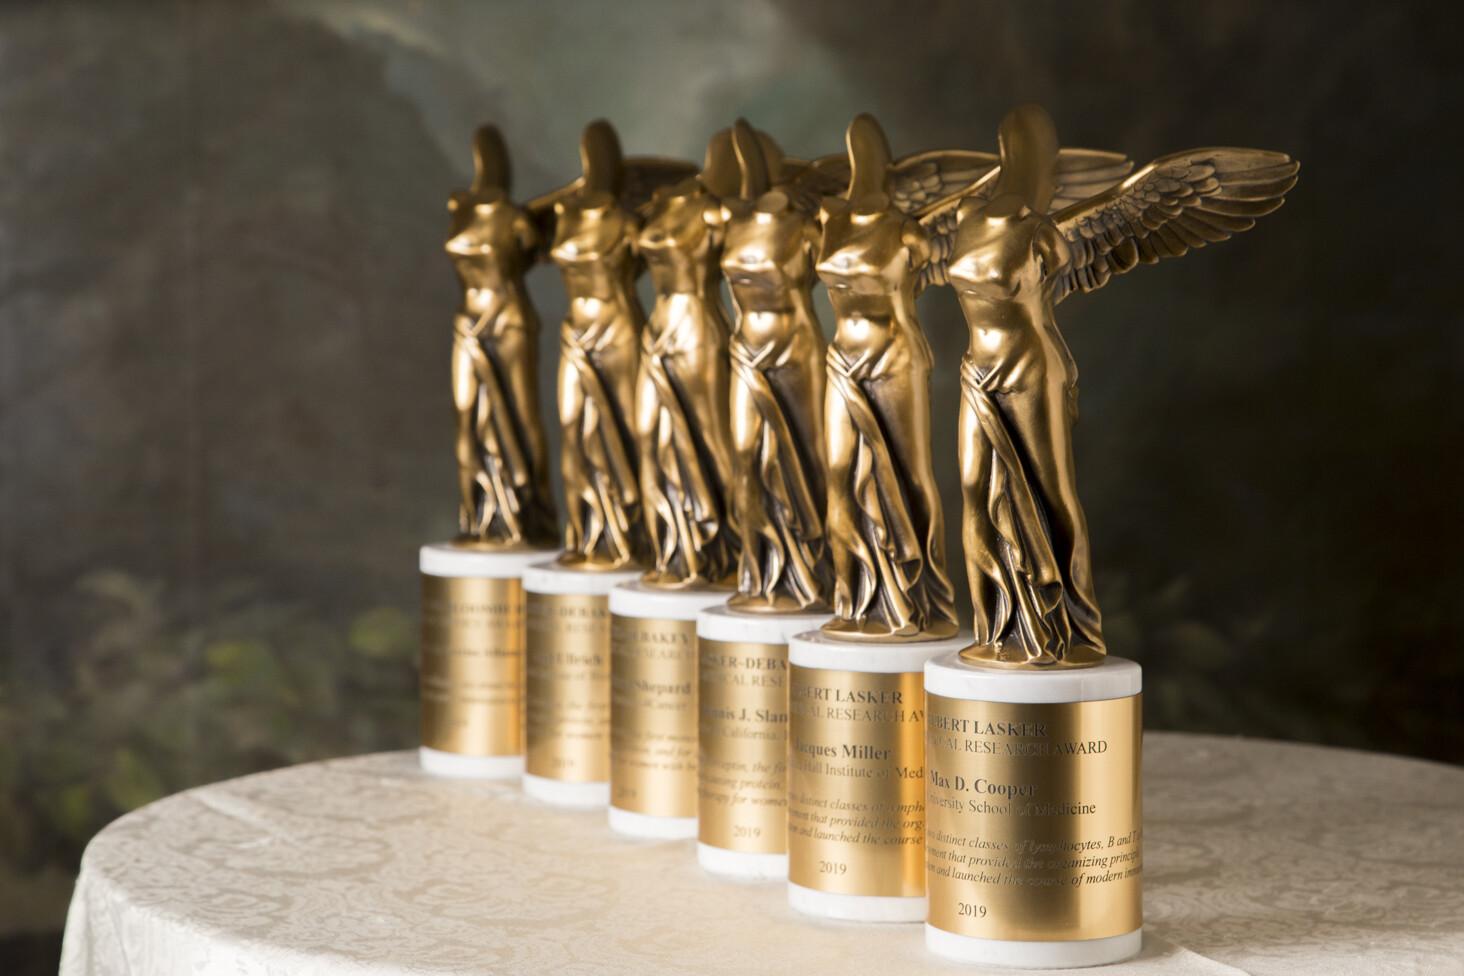 مؤسسة علمية أمريكية تمنح باحثين ألمان وعالمة كيمياء حيوية جوائز مرموقة